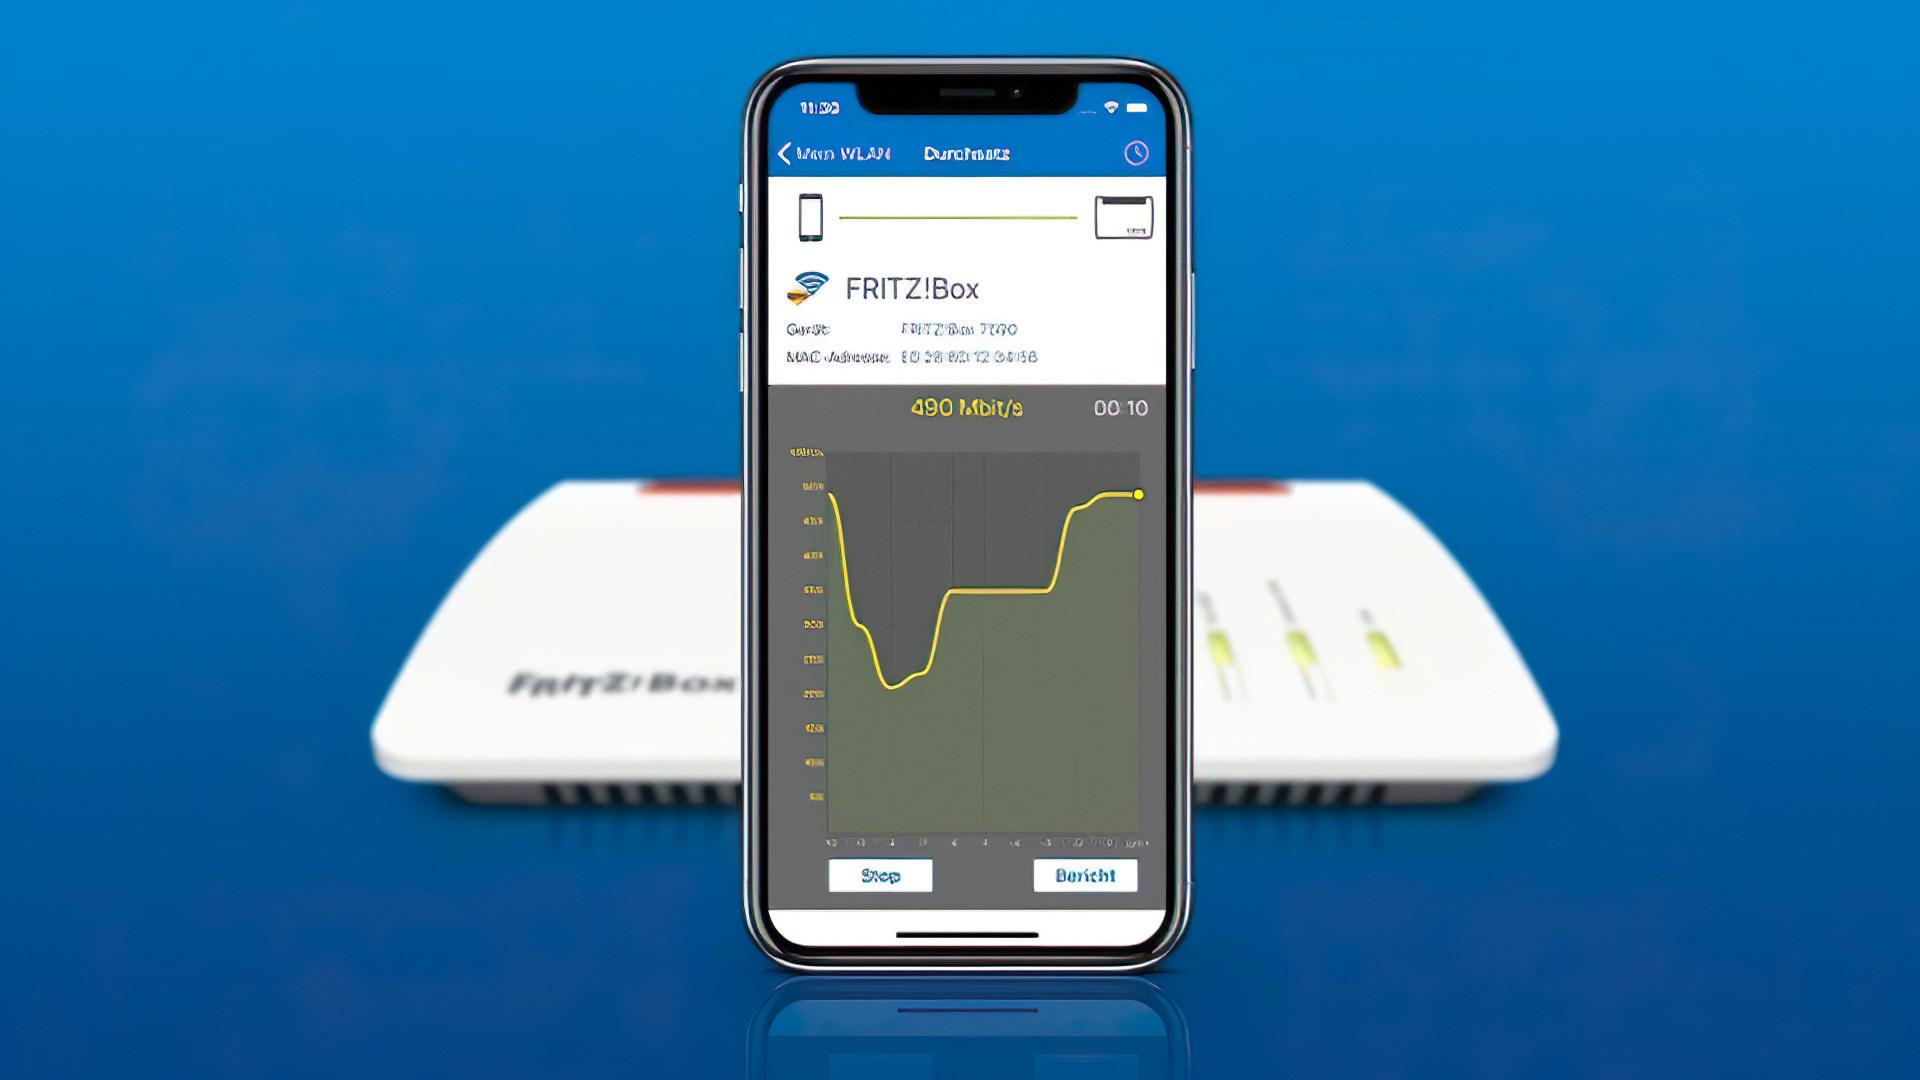 Neu: FritzApp WLAN bestimmt Ping der WLAN-Verbindung des Handys